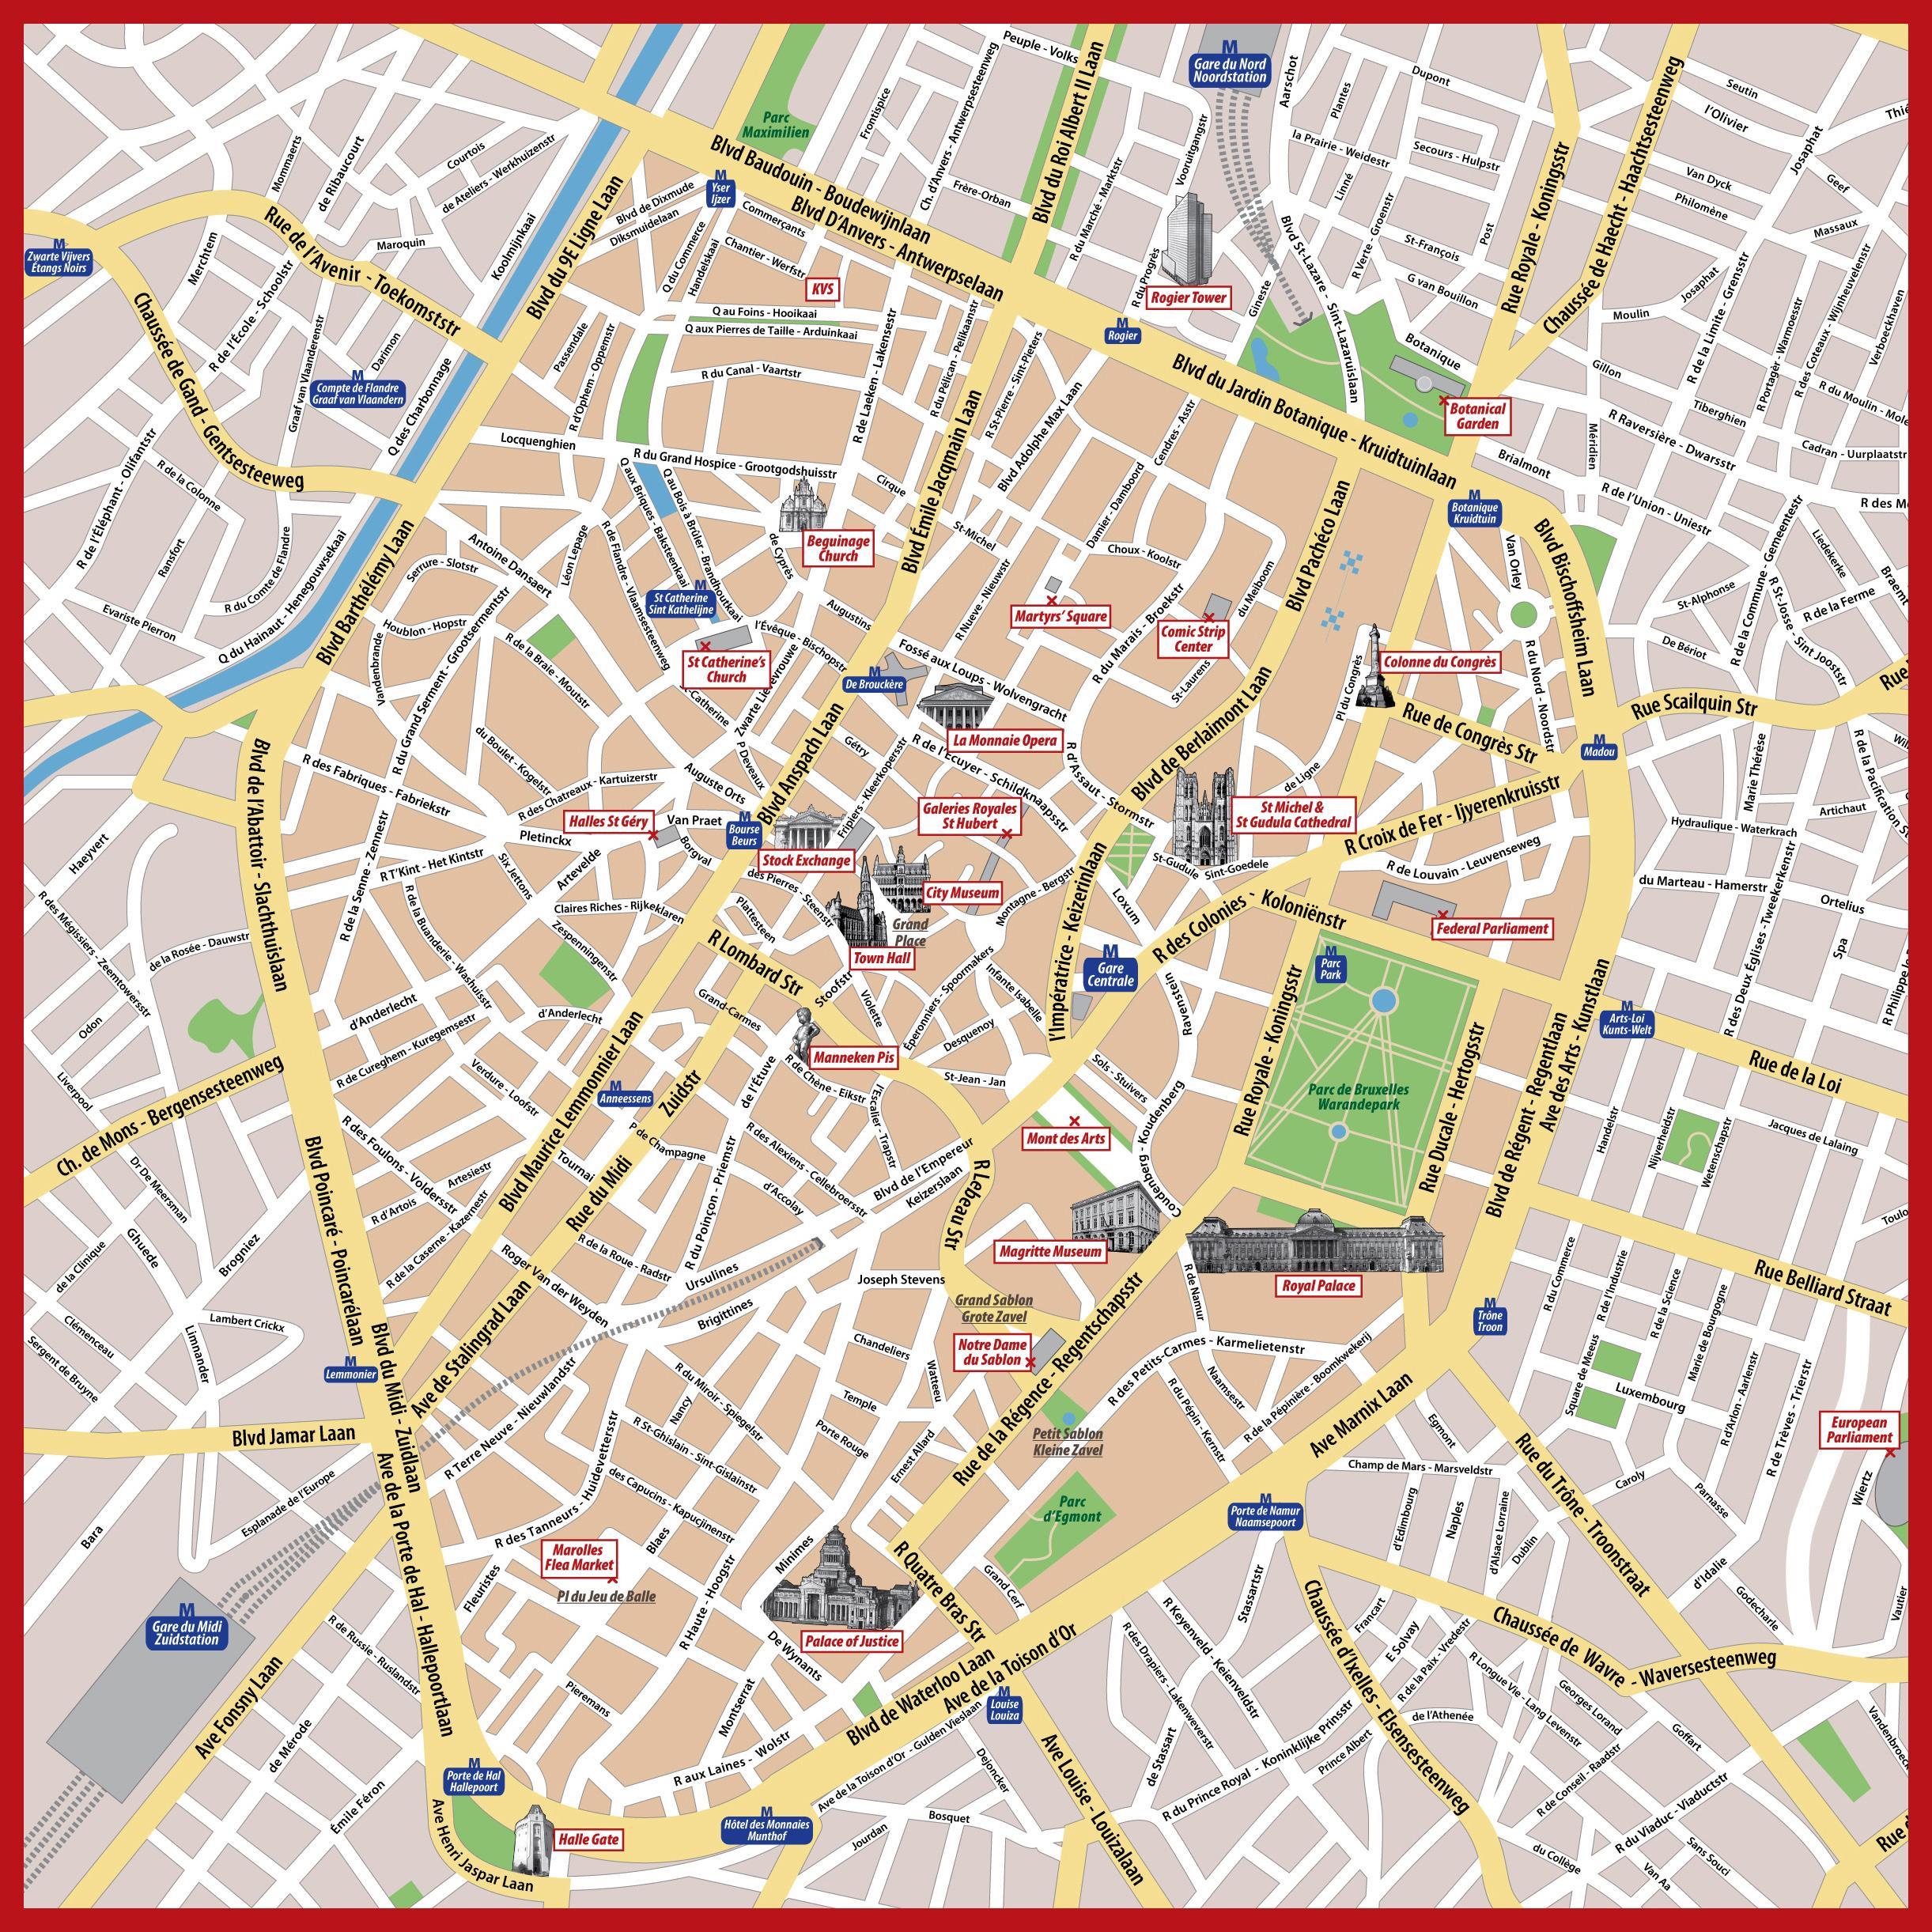 Bryssel Tulosta Kartta Turisti Kartta Brysselin Tulostettava